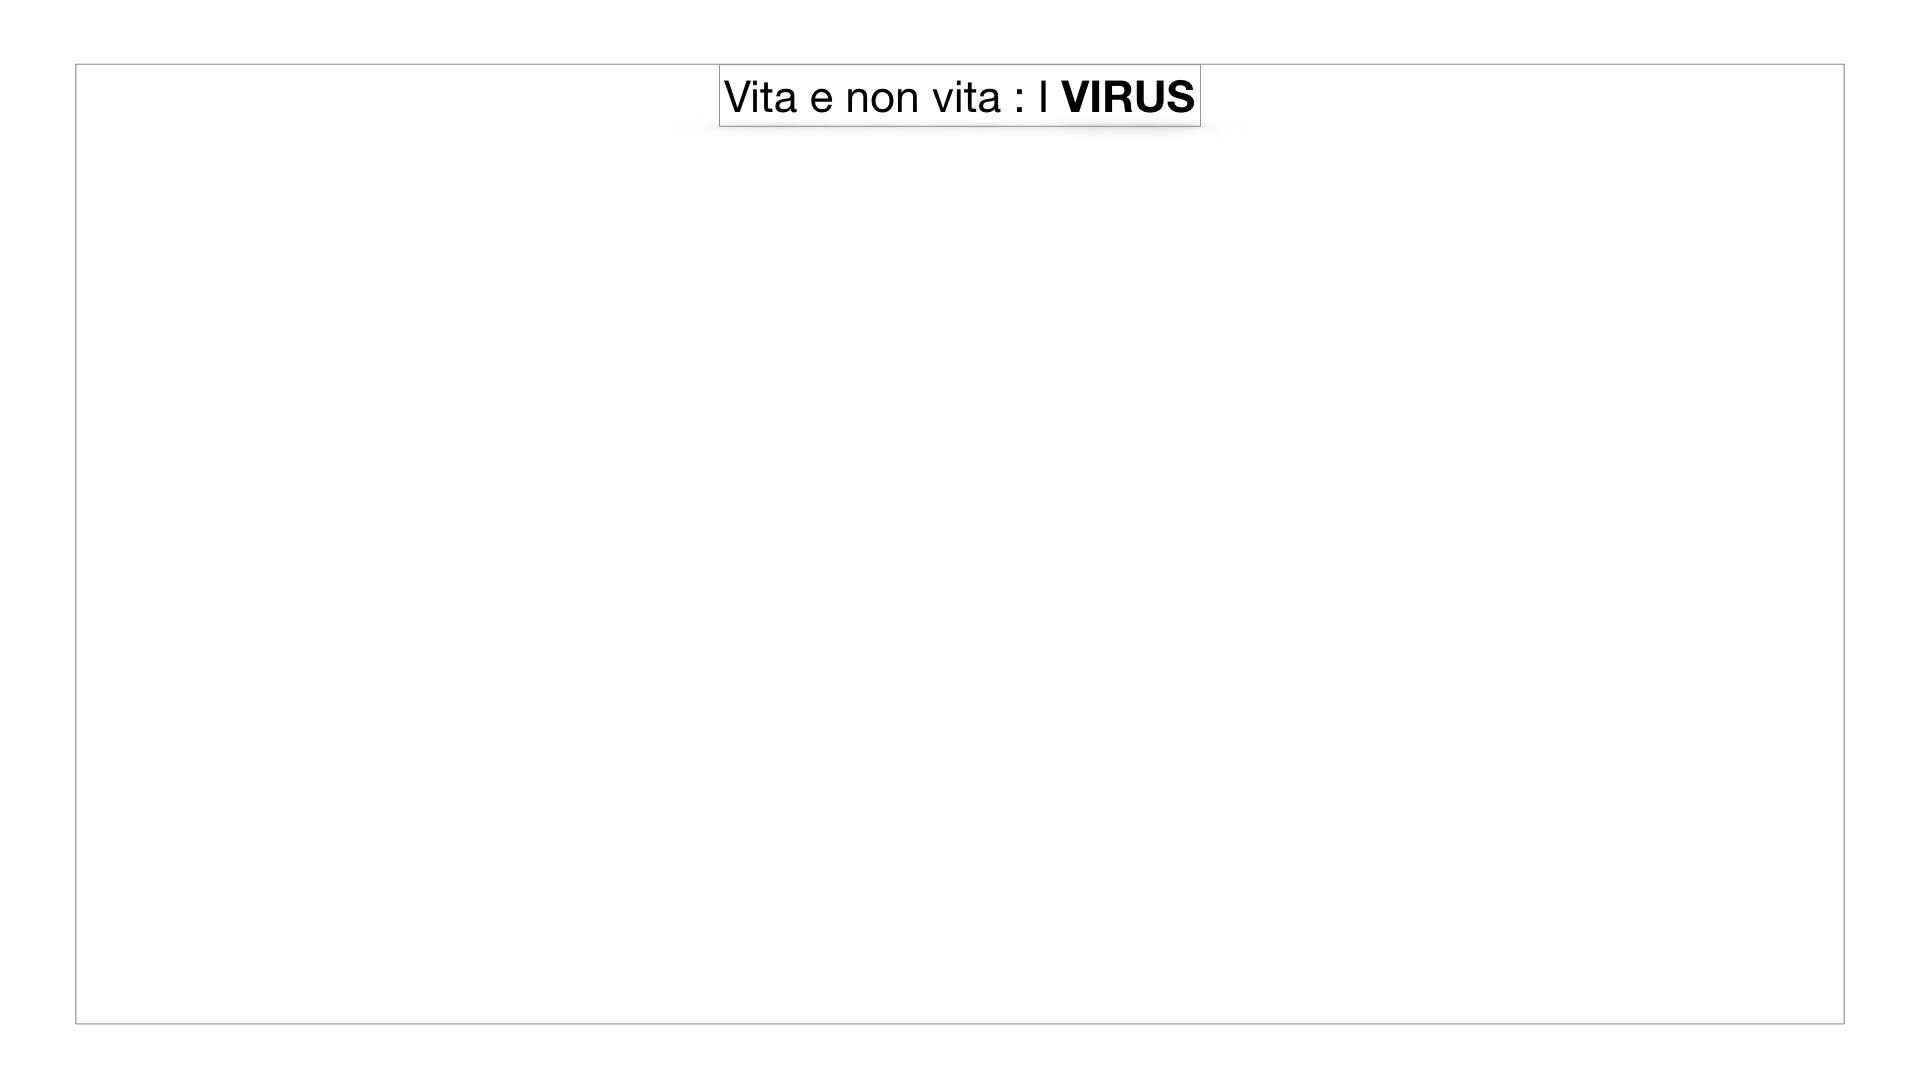 5. VIRUS_SIMULAZIONE.001